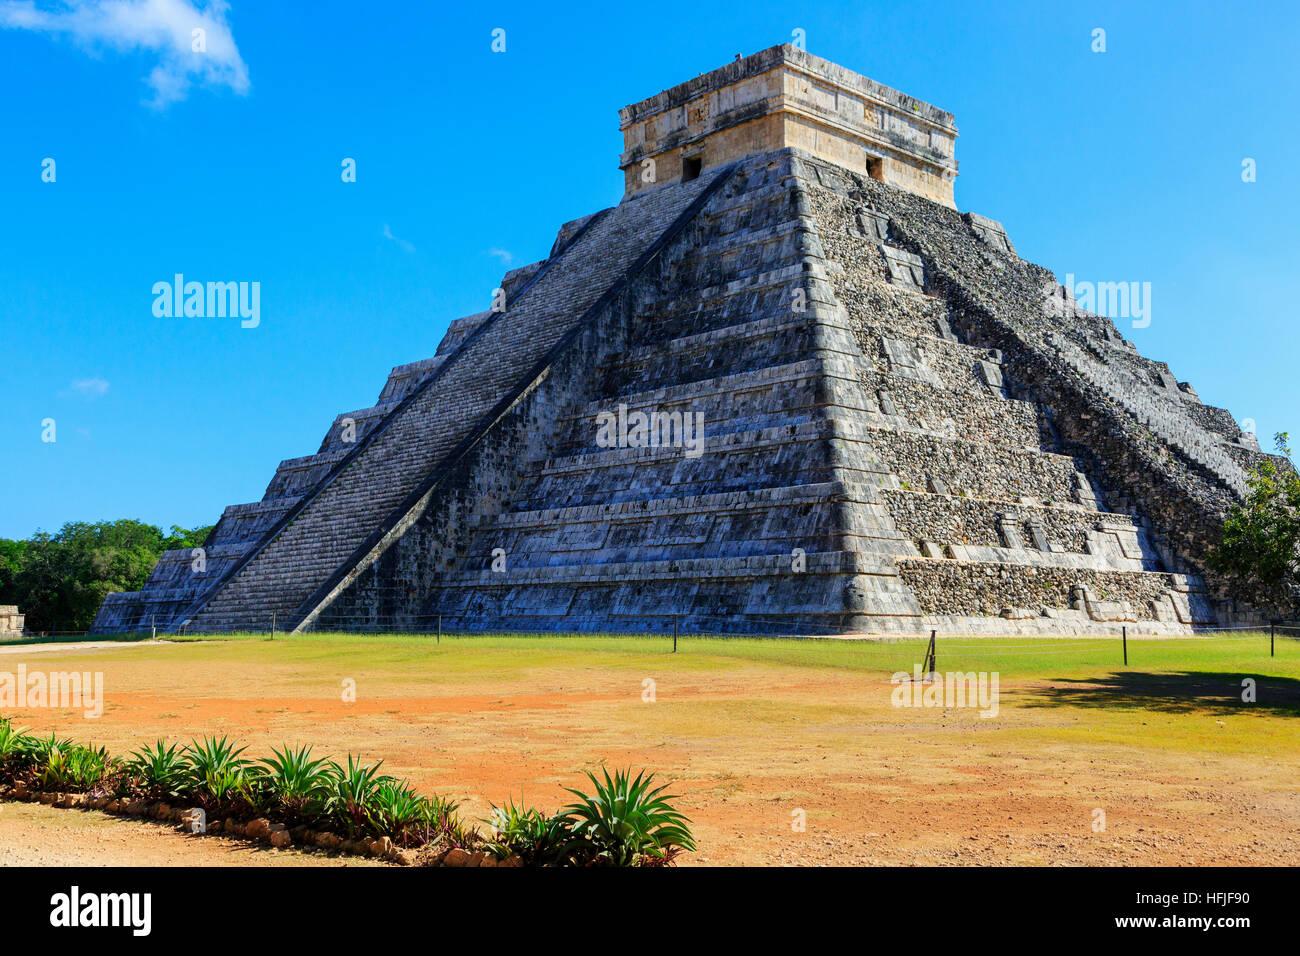 La struttura centrale del Castillo, nell'antico tempio Maya di Chichen Itza, Yucatan, Messico Immagini Stock